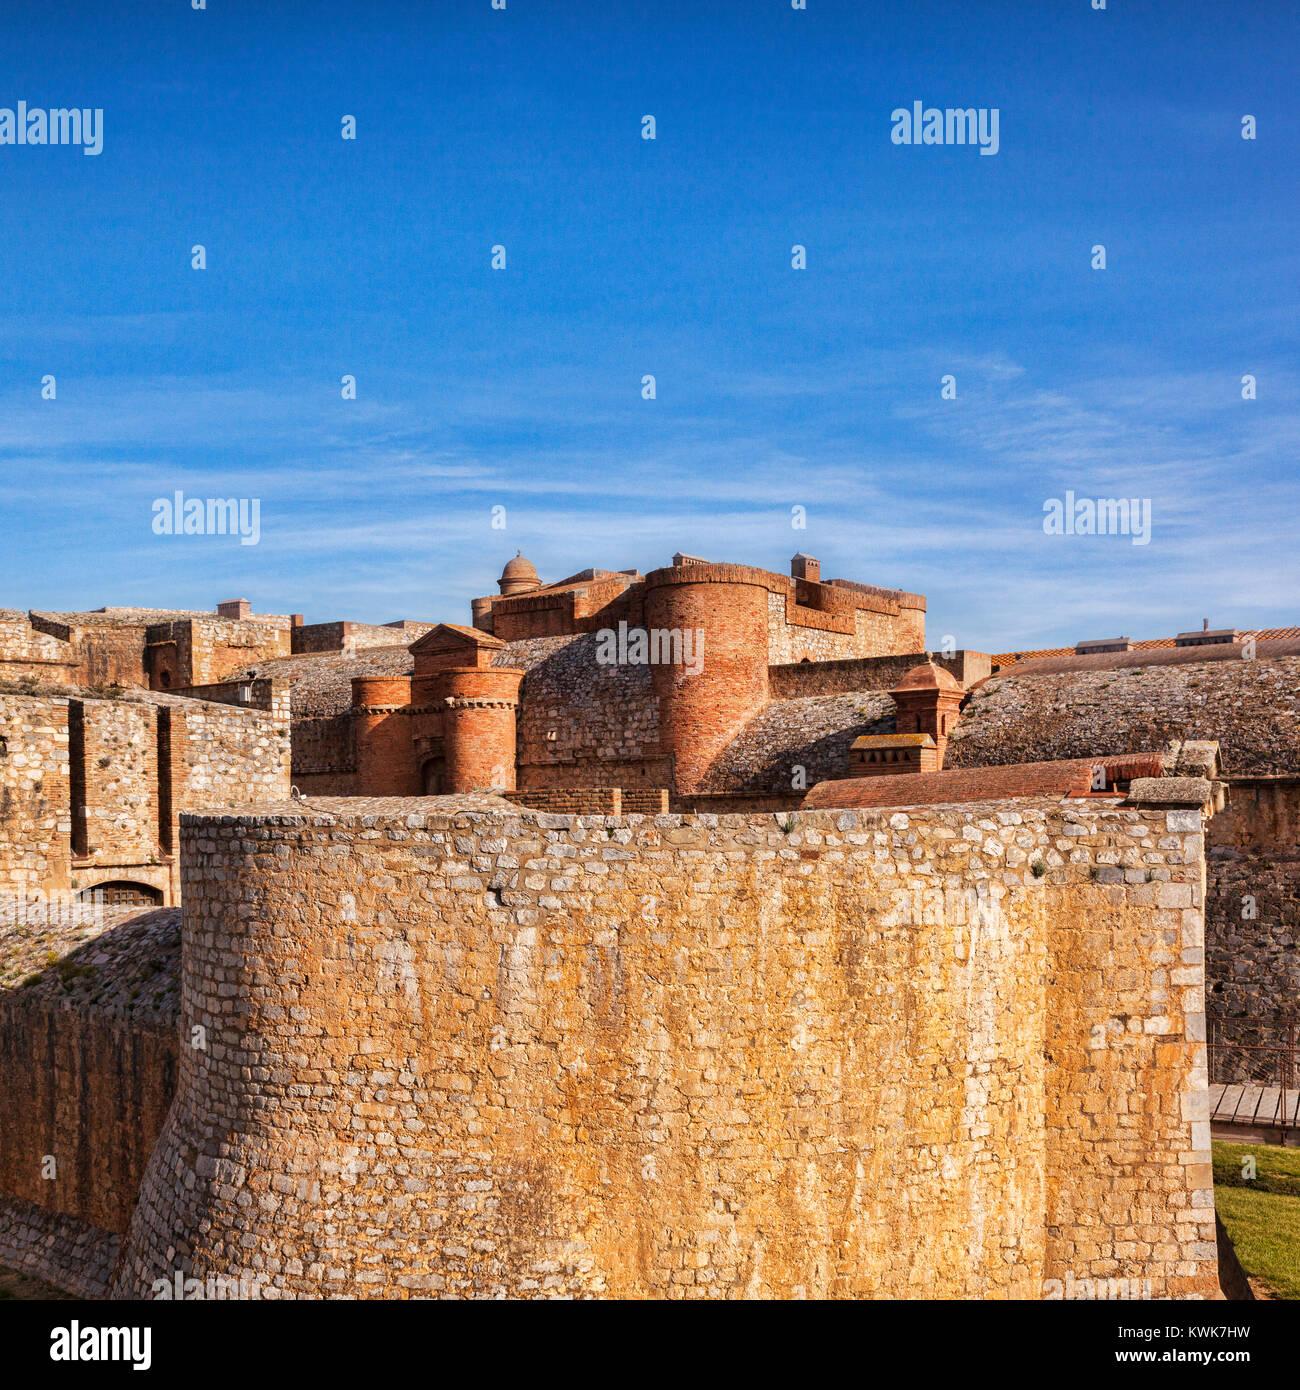 Fort de Salses, Salses-le-Chateau, Languedoc - Rousssillon, Pyrenäen Orientales, Frankreich. Stockbild